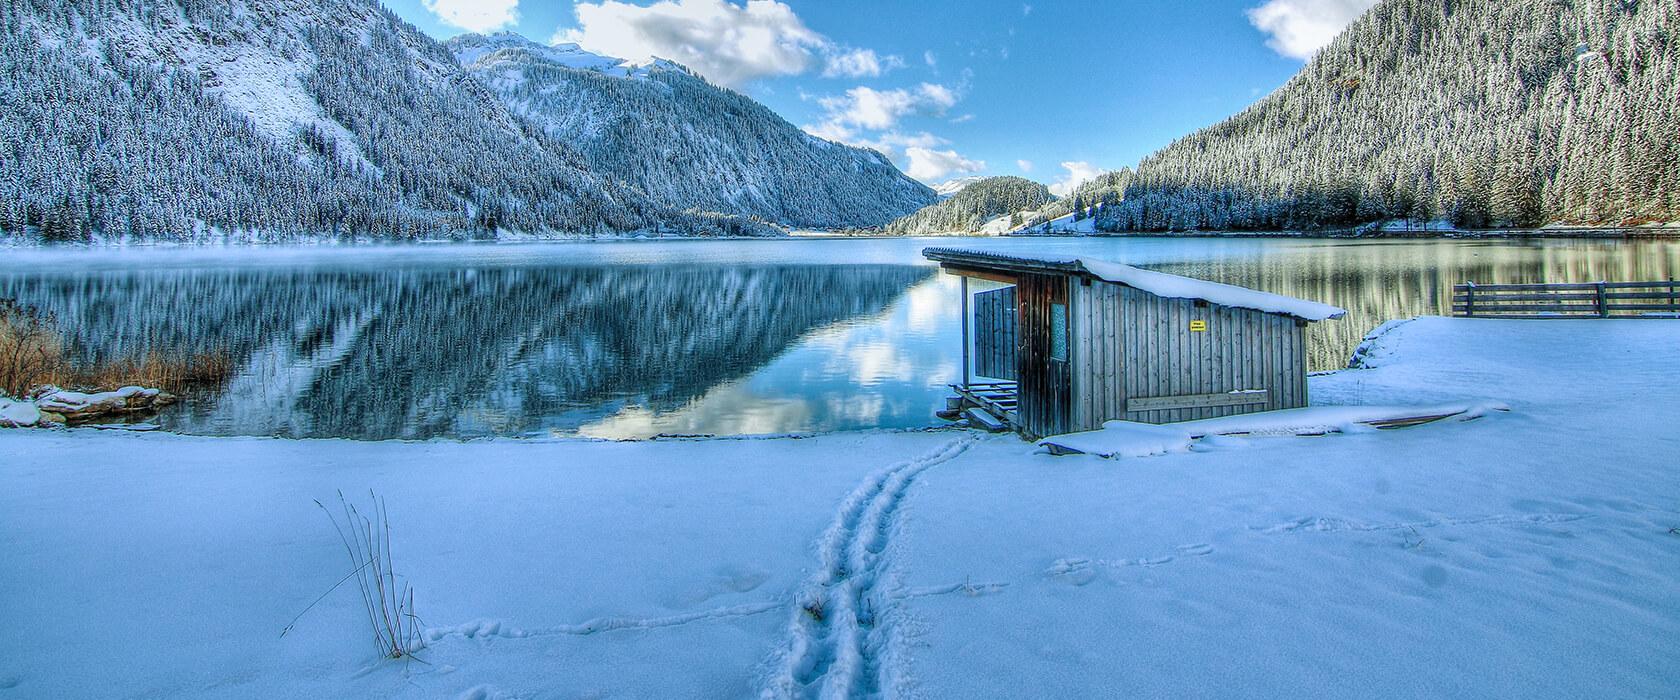 Winterurlaub am Haldensee in Tirol im Hotel Via Salina